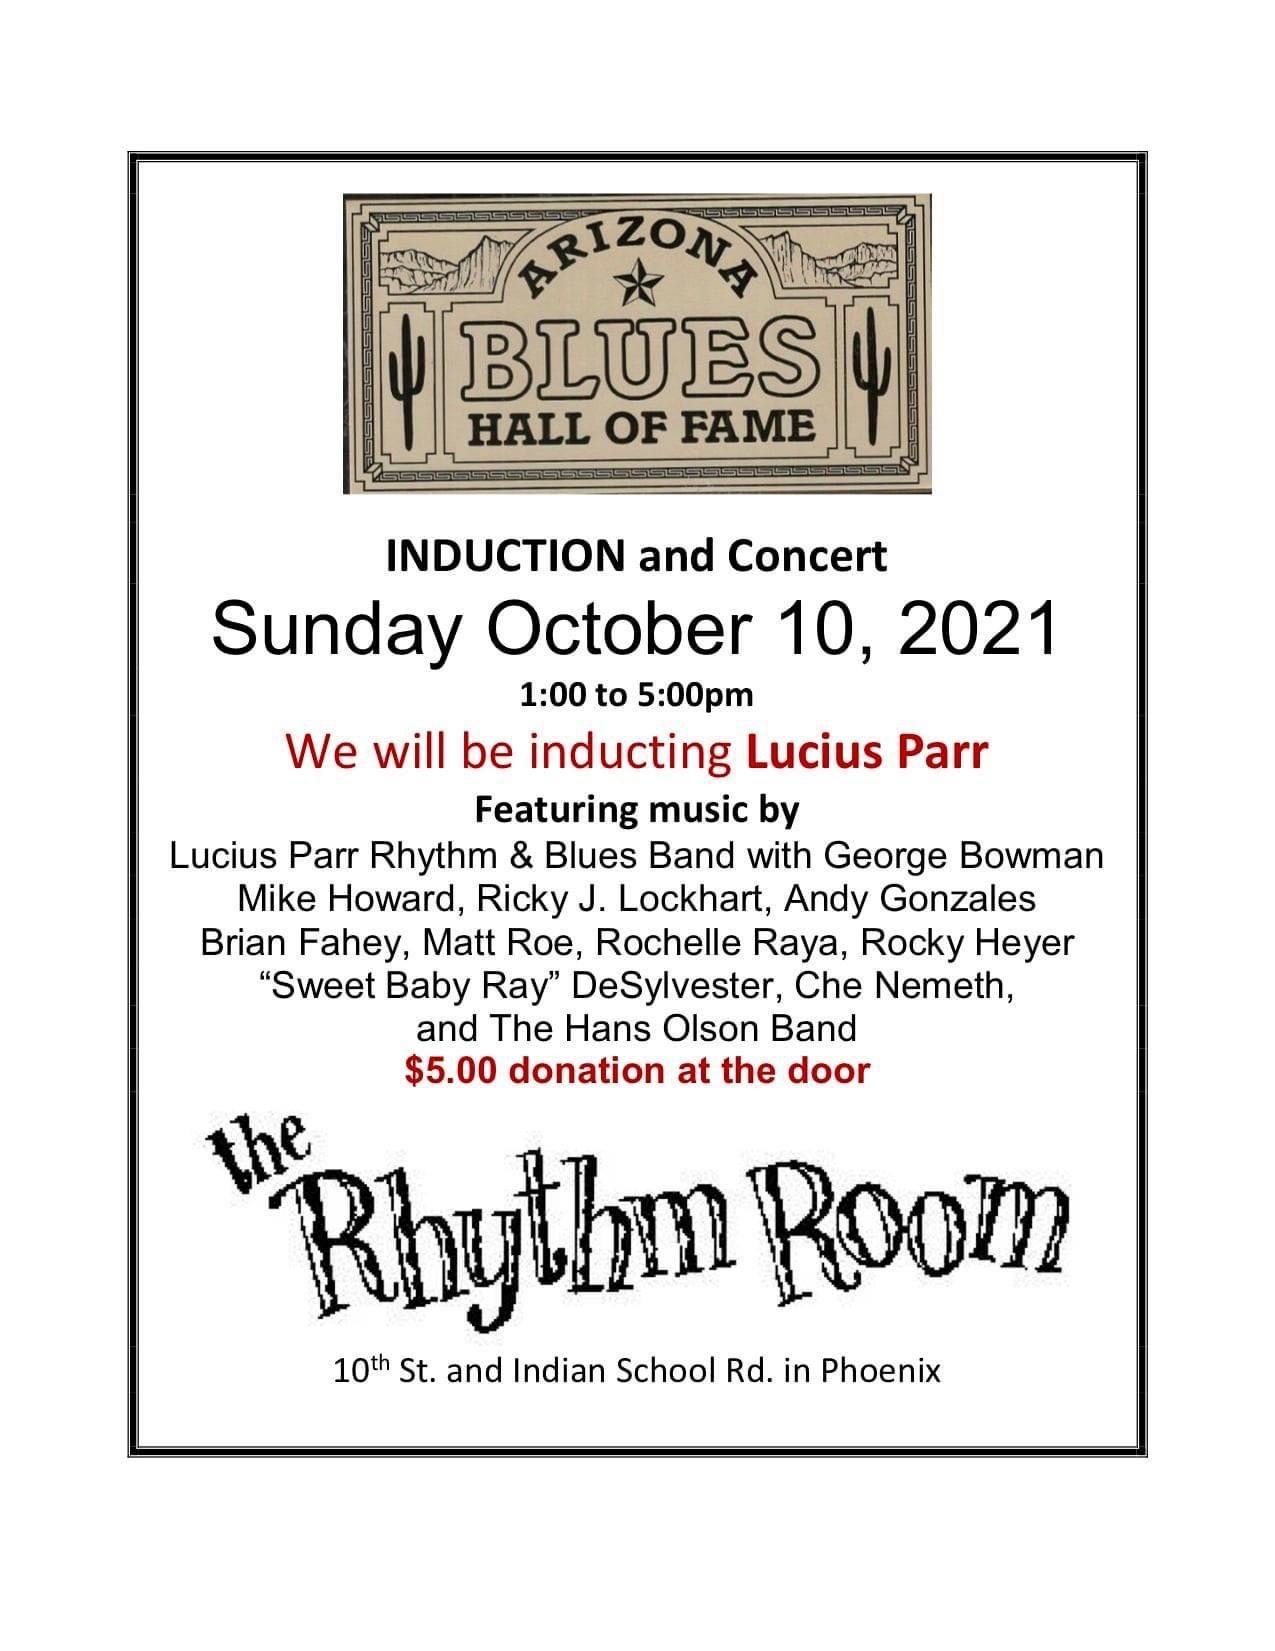 Arizona Blues Hall of Fame Induction: